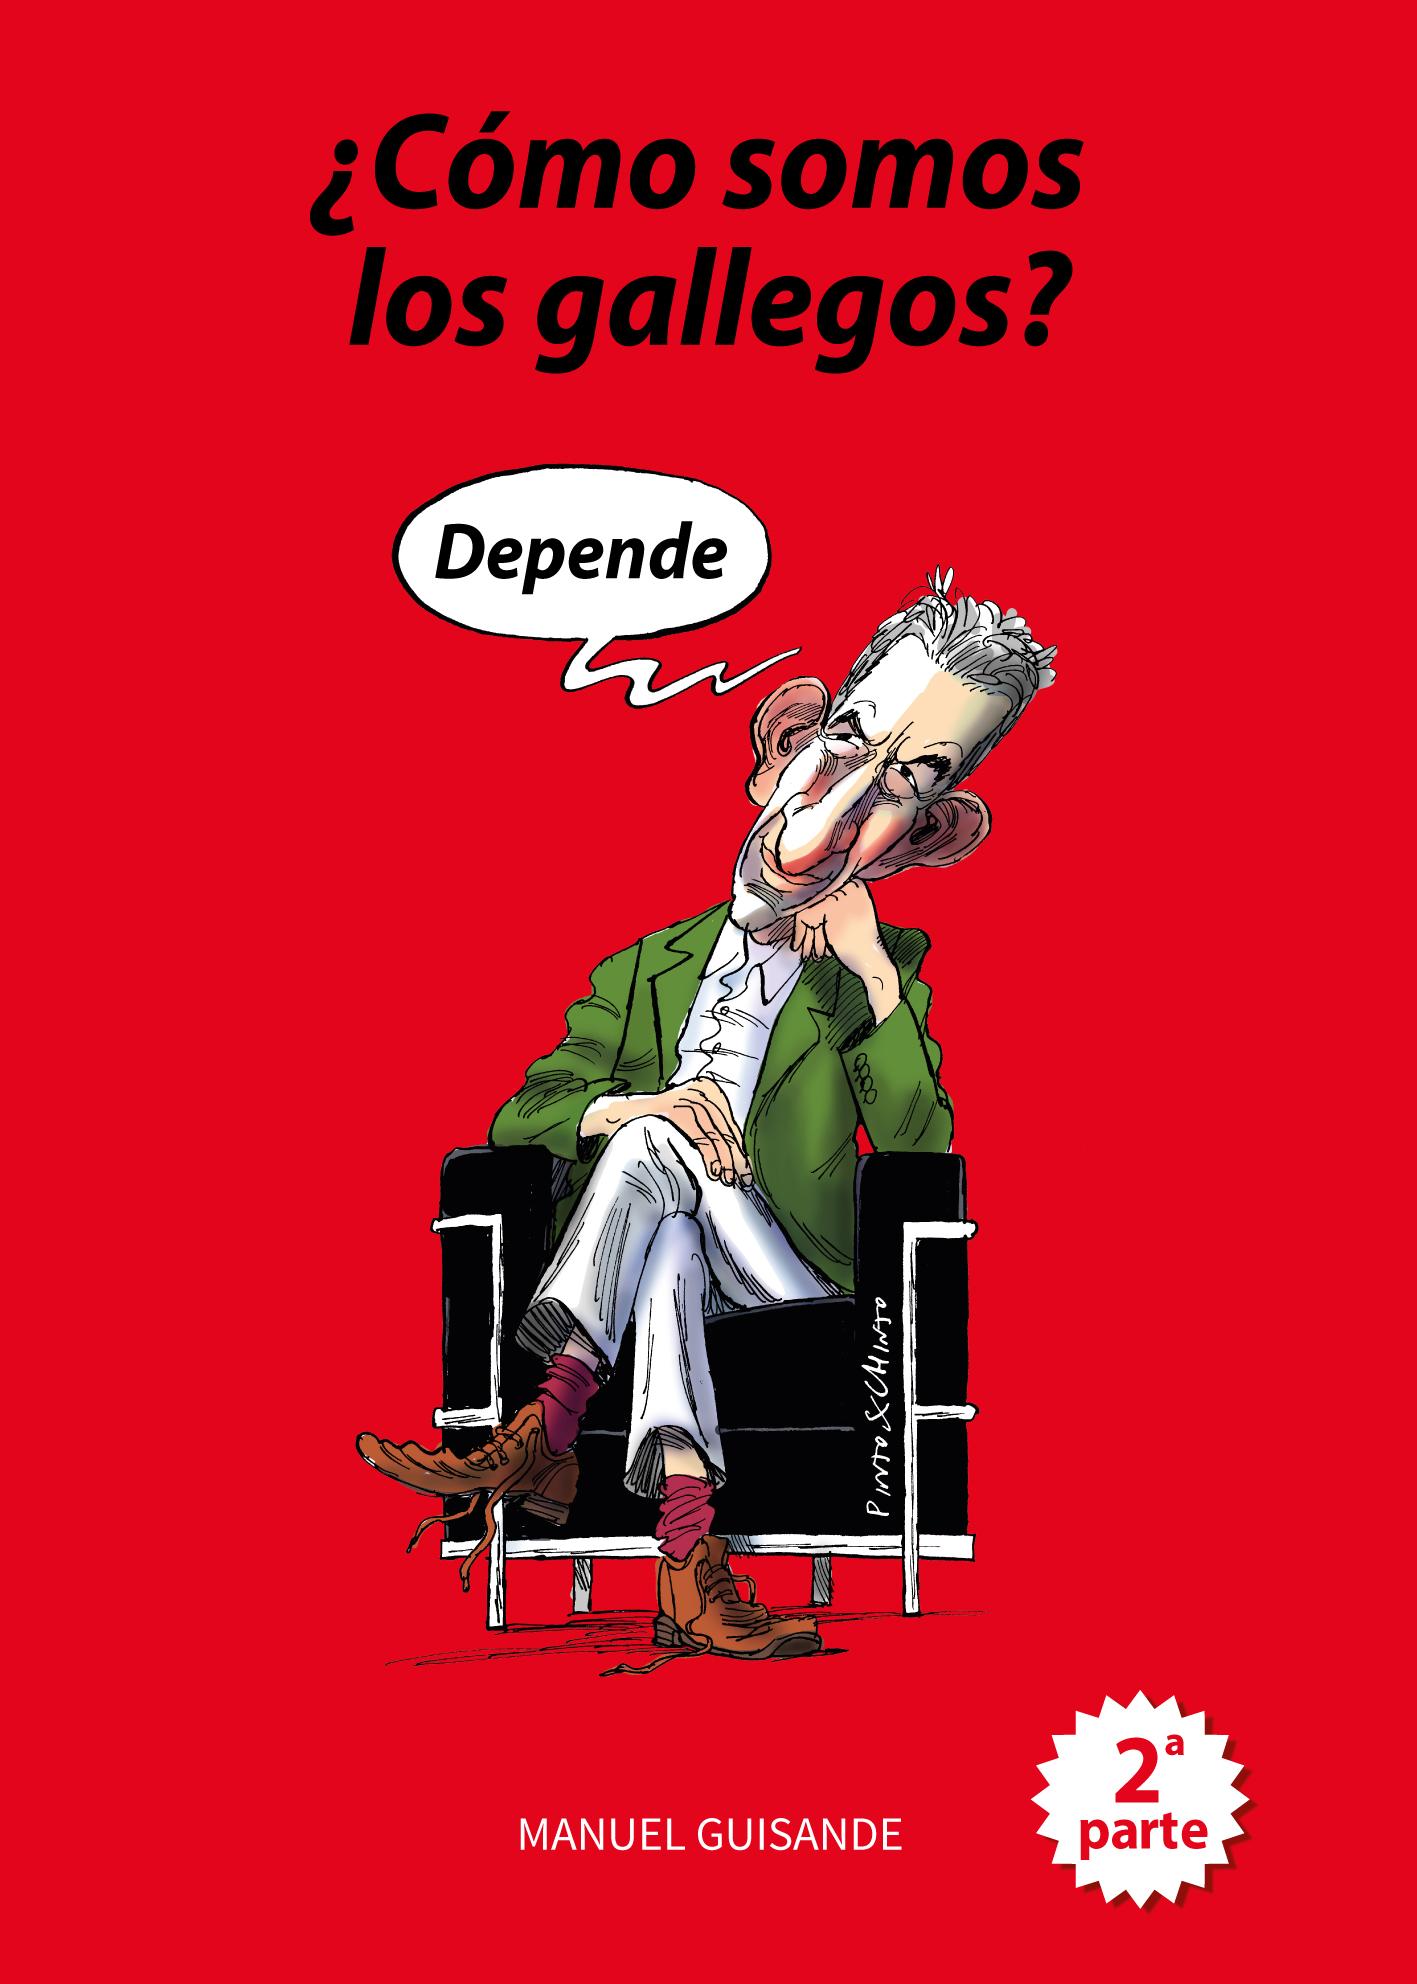 GU-cubierta-gallegos026666666666666666666